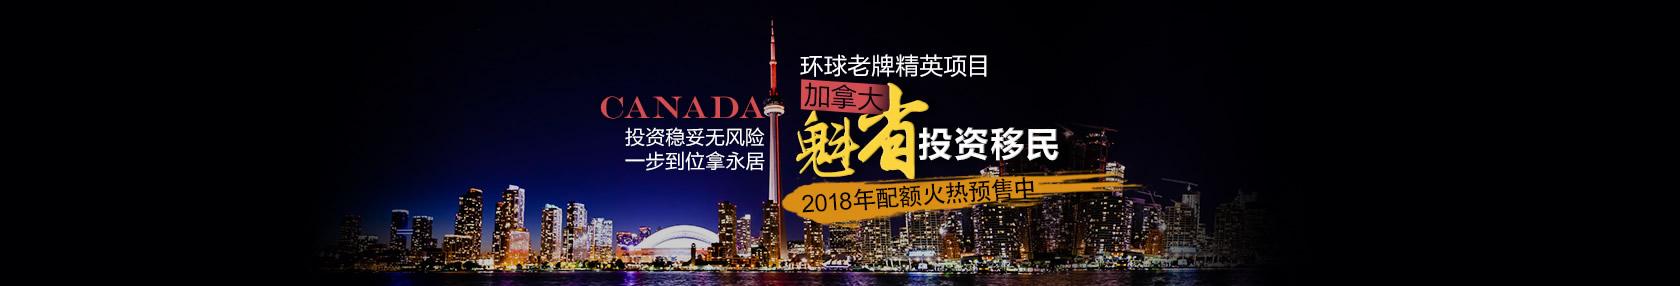 【预售】环球2018年加拿大魁省一步到位拿永居投资移民配额预售中